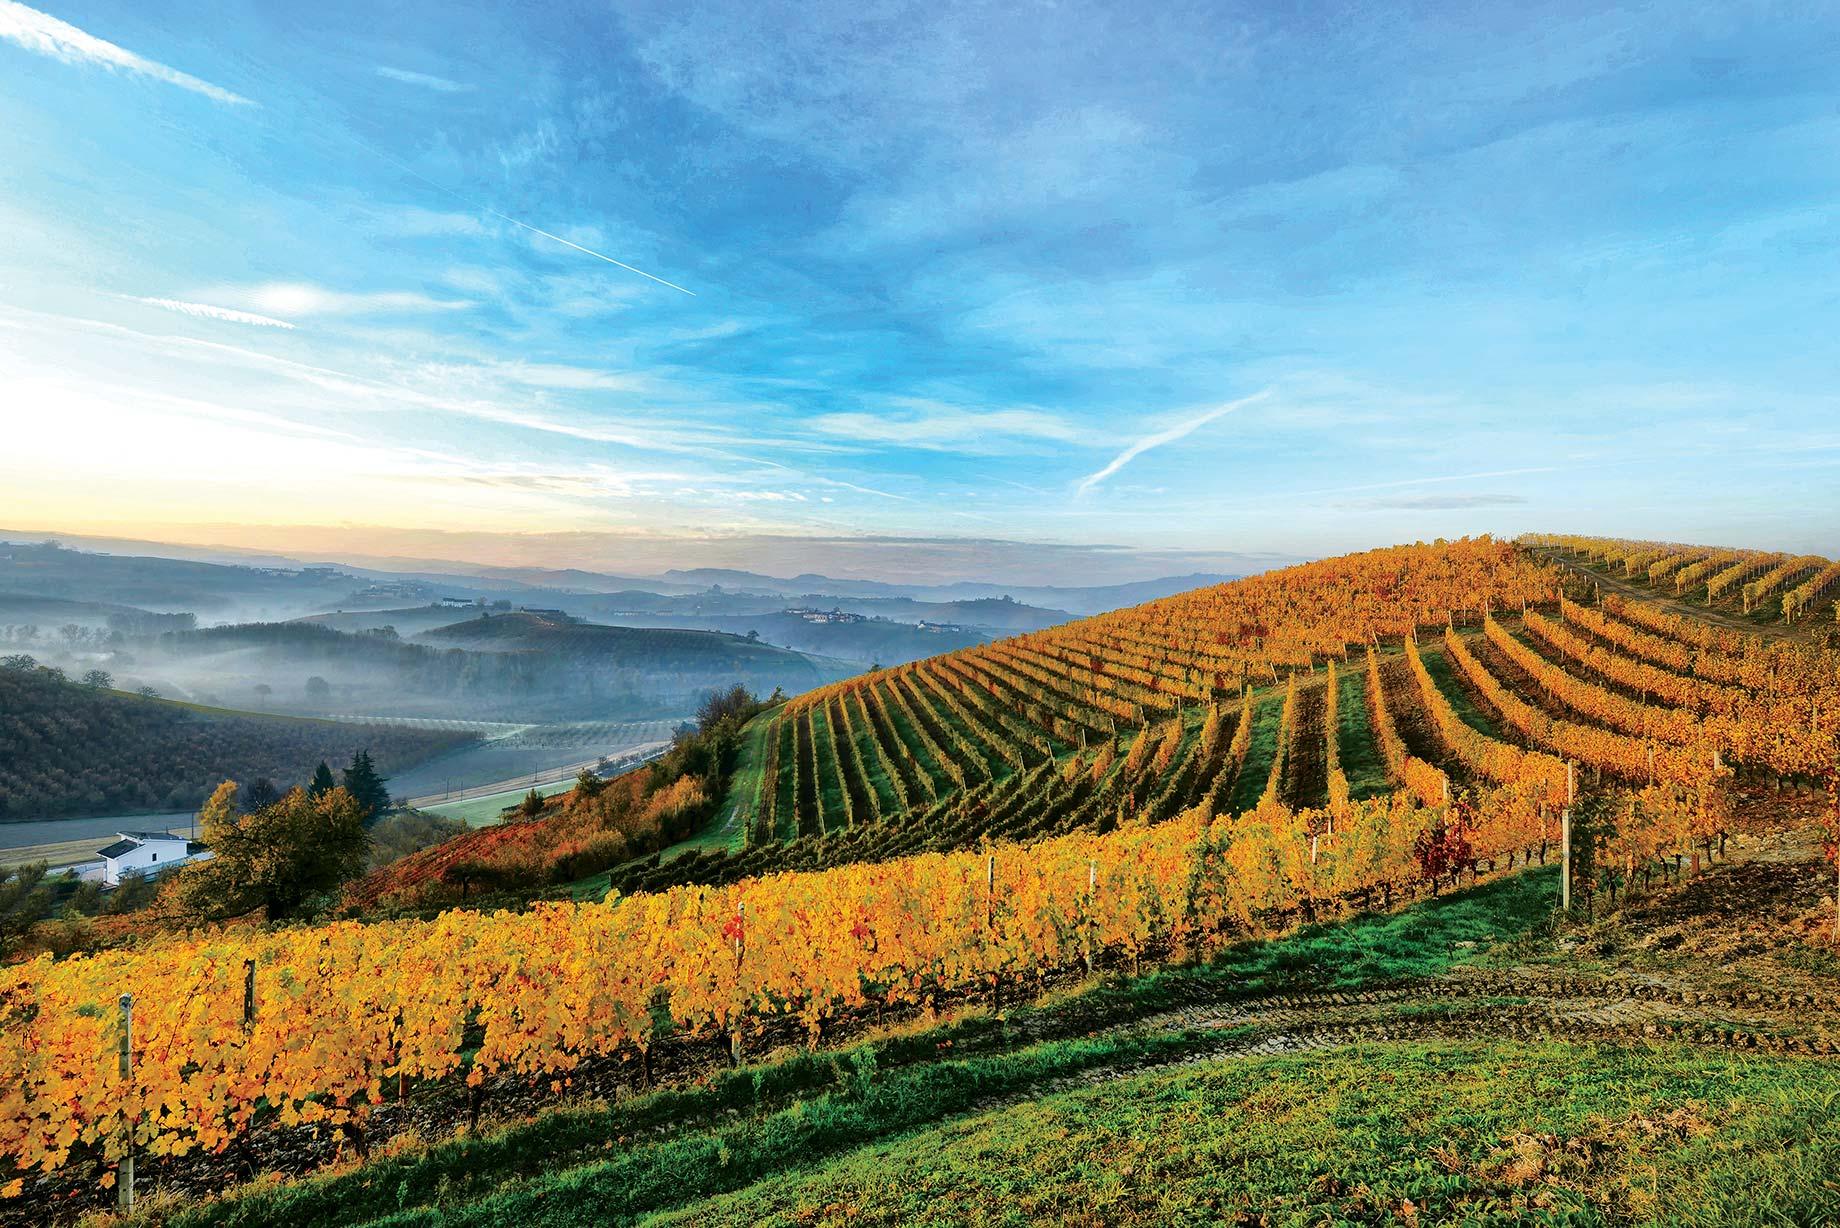 """Langhe e Roero: luoghi stupendi che l'Unesco descrive come:""""Una eccezionale testimonianza vivente della tradizione storica della coltivazione della vite, dei processi di vinificazione, di un contesto sociale, rurale e di un tessuto economico basati sulla cultura del vino""""""""I vigneti di Langhe-Roero e Monferrato - si legge nella motivazione ufficiale dell'iscrizione - costituiscono un esempio eccezionale di interazione dell'uomo con il suo ambiente naturale"""" -"""